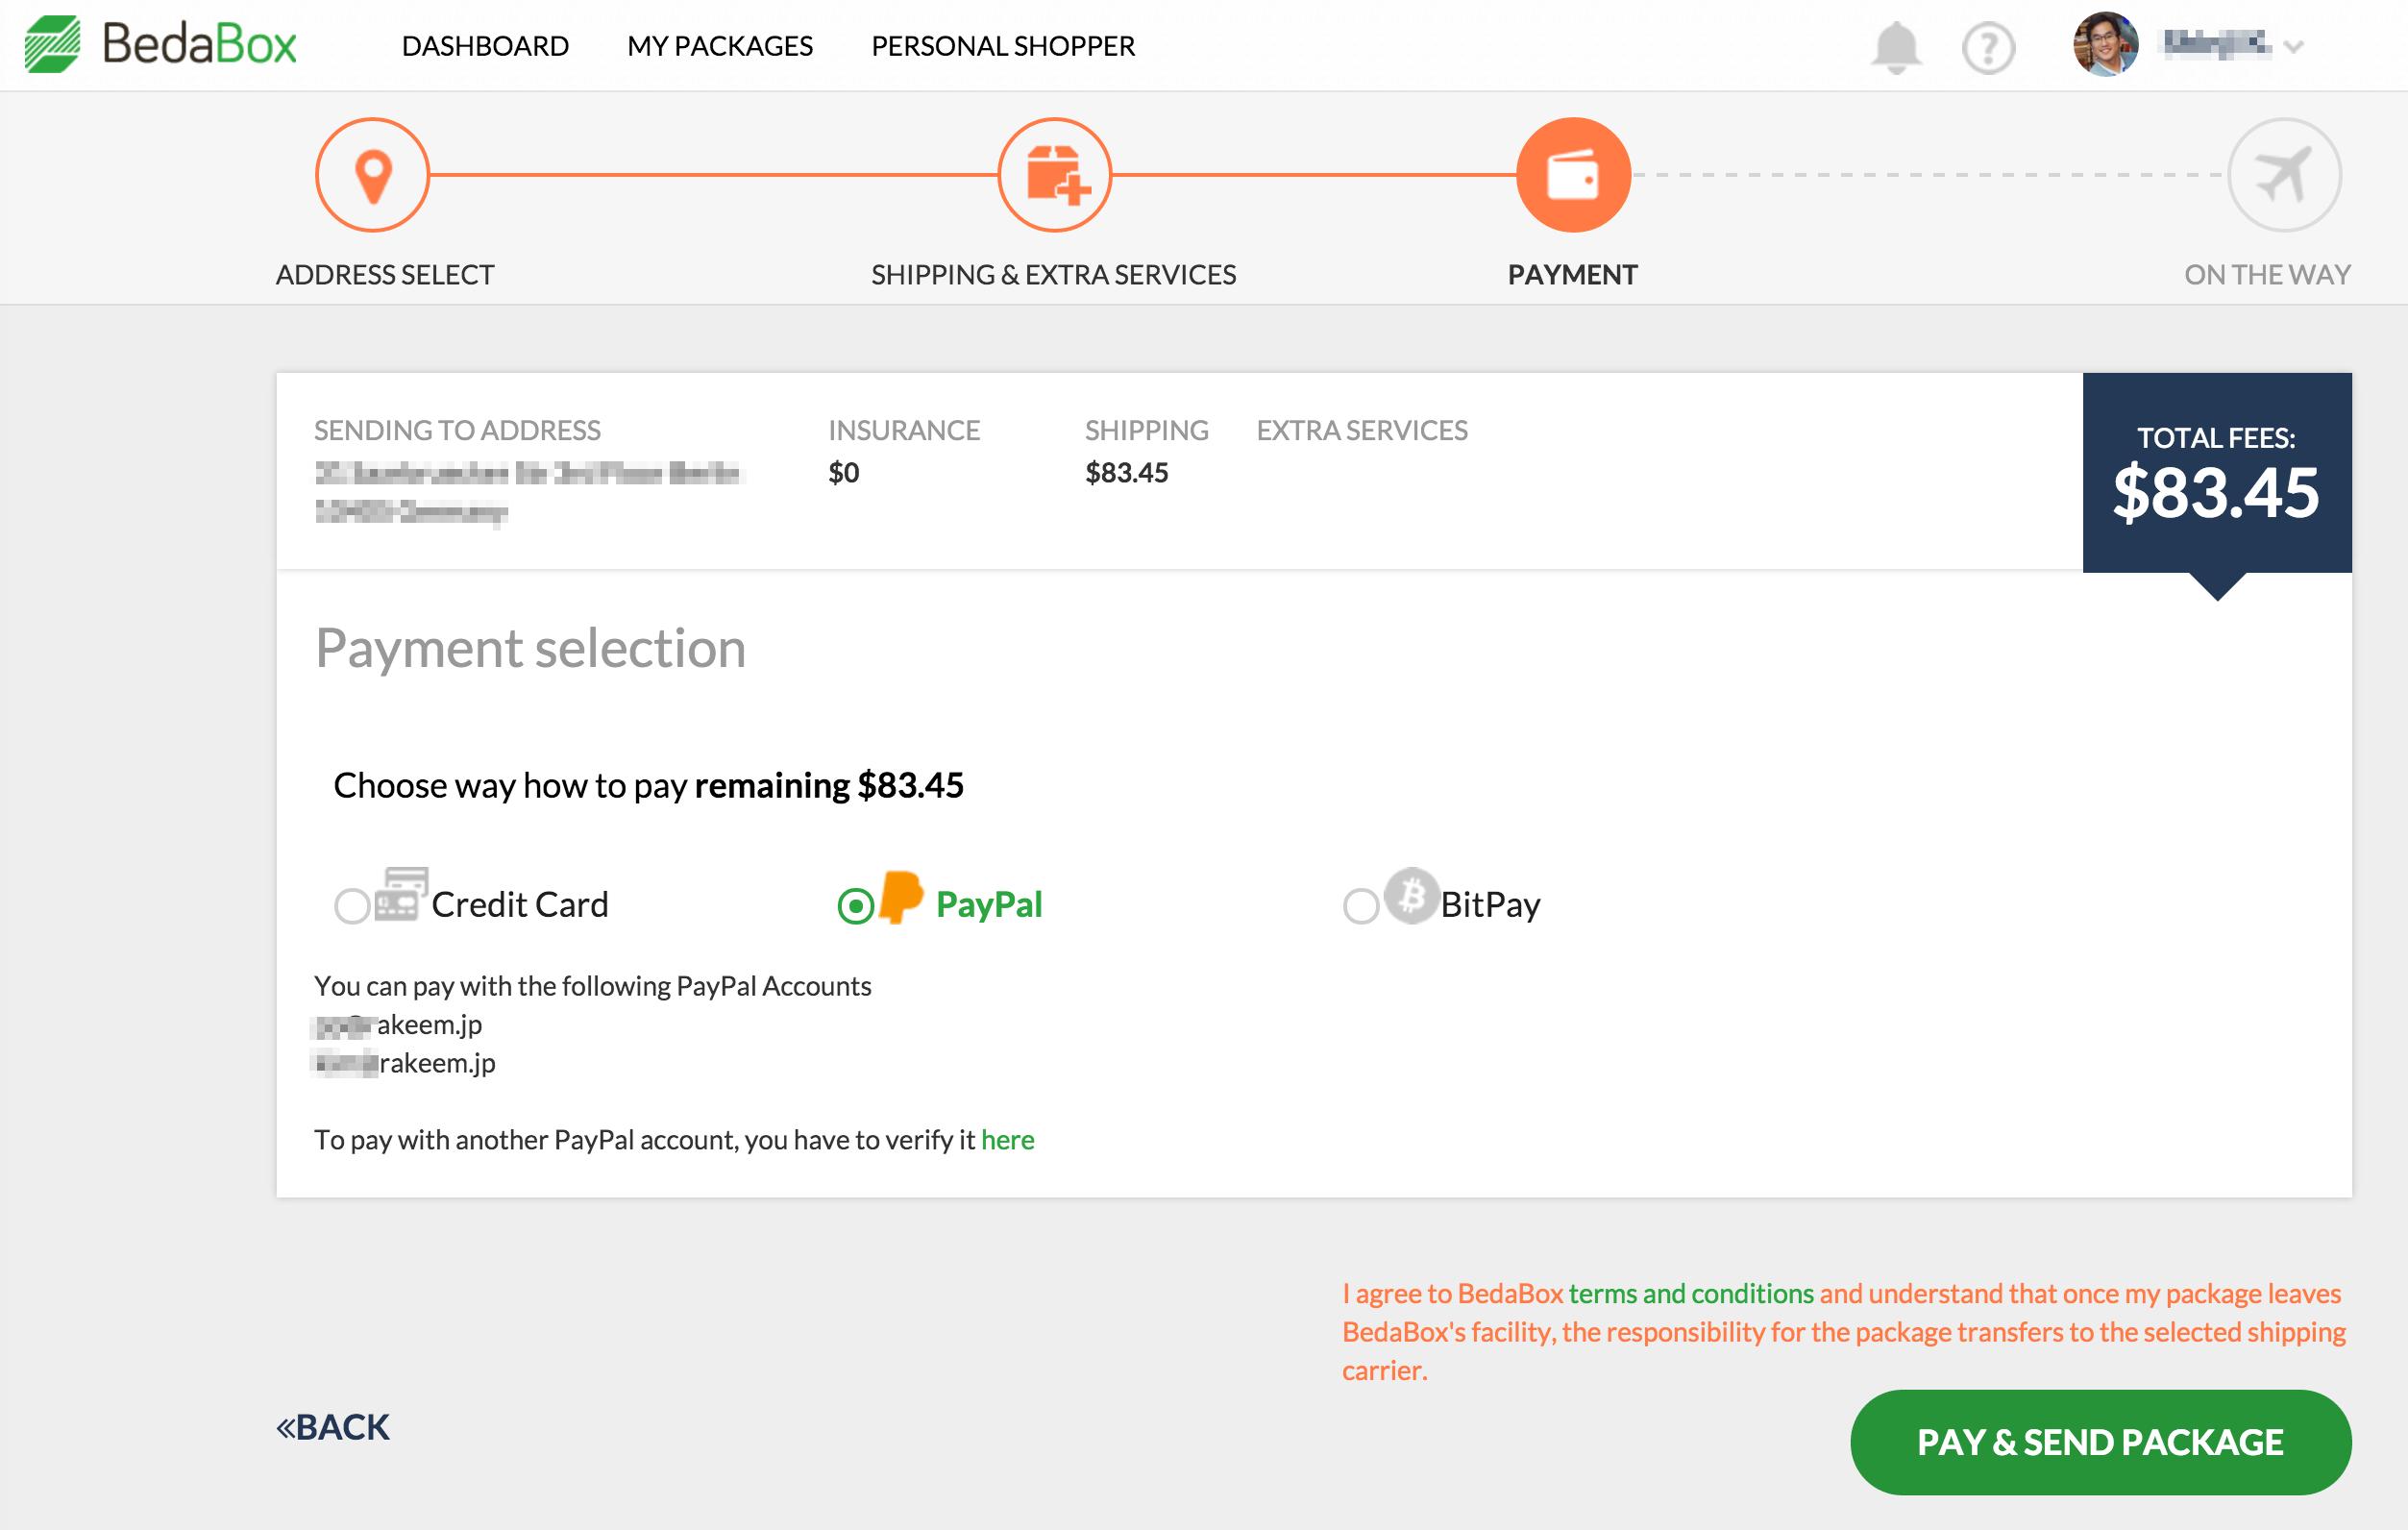 決済は、クレジットーカード、PayPal、さらにはBitCoinでの選択ができる。 rakeemはPayPalを選択!